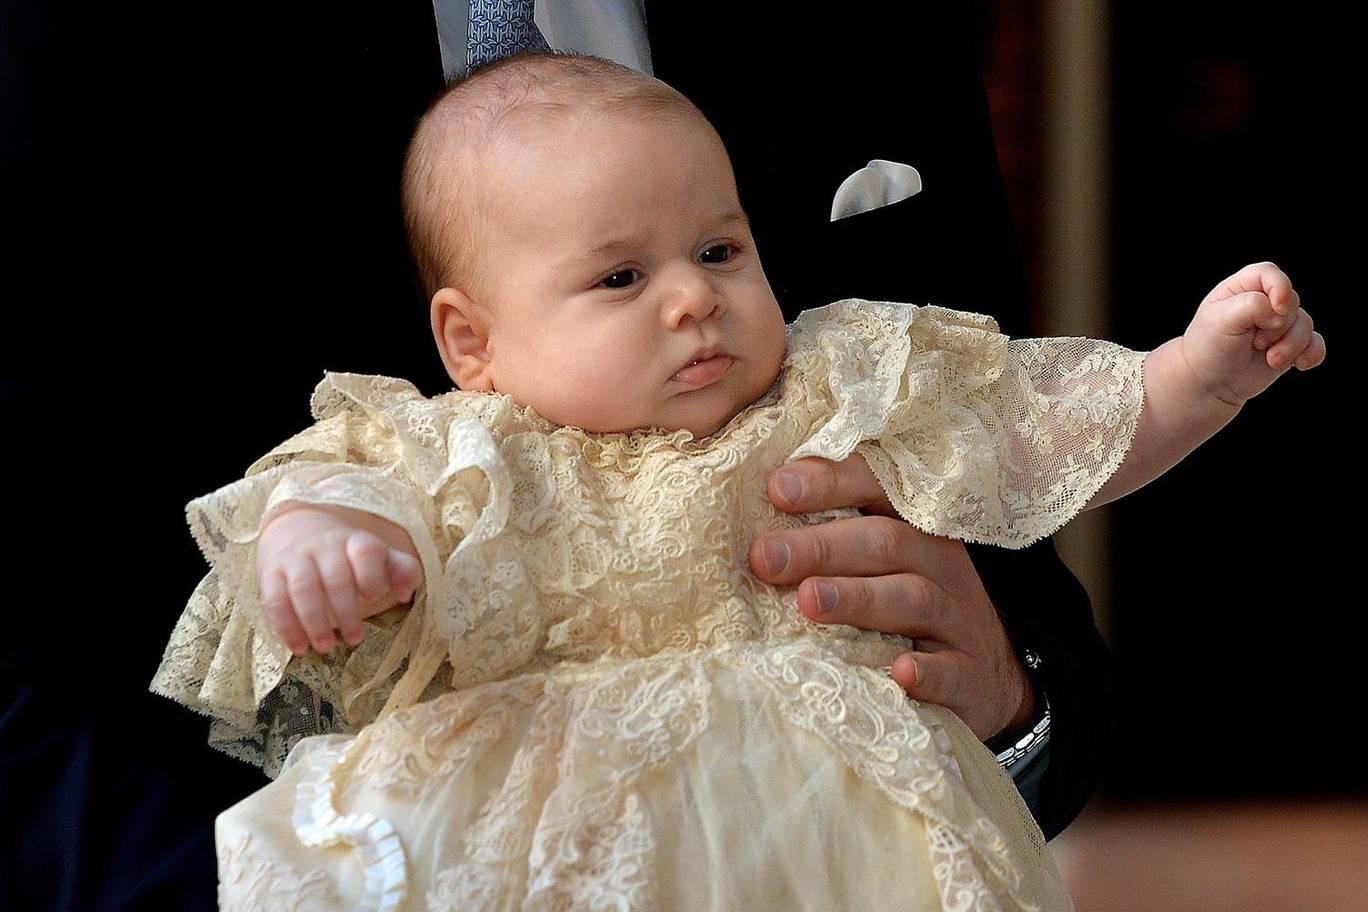 Hơn 40 bức ảnh ghi lại những khoảnh khắc cực đáng yêu cho thấy hành trình lớn lên của Hoàng tử George trong 5 năm đầu đời - Ảnh 3.